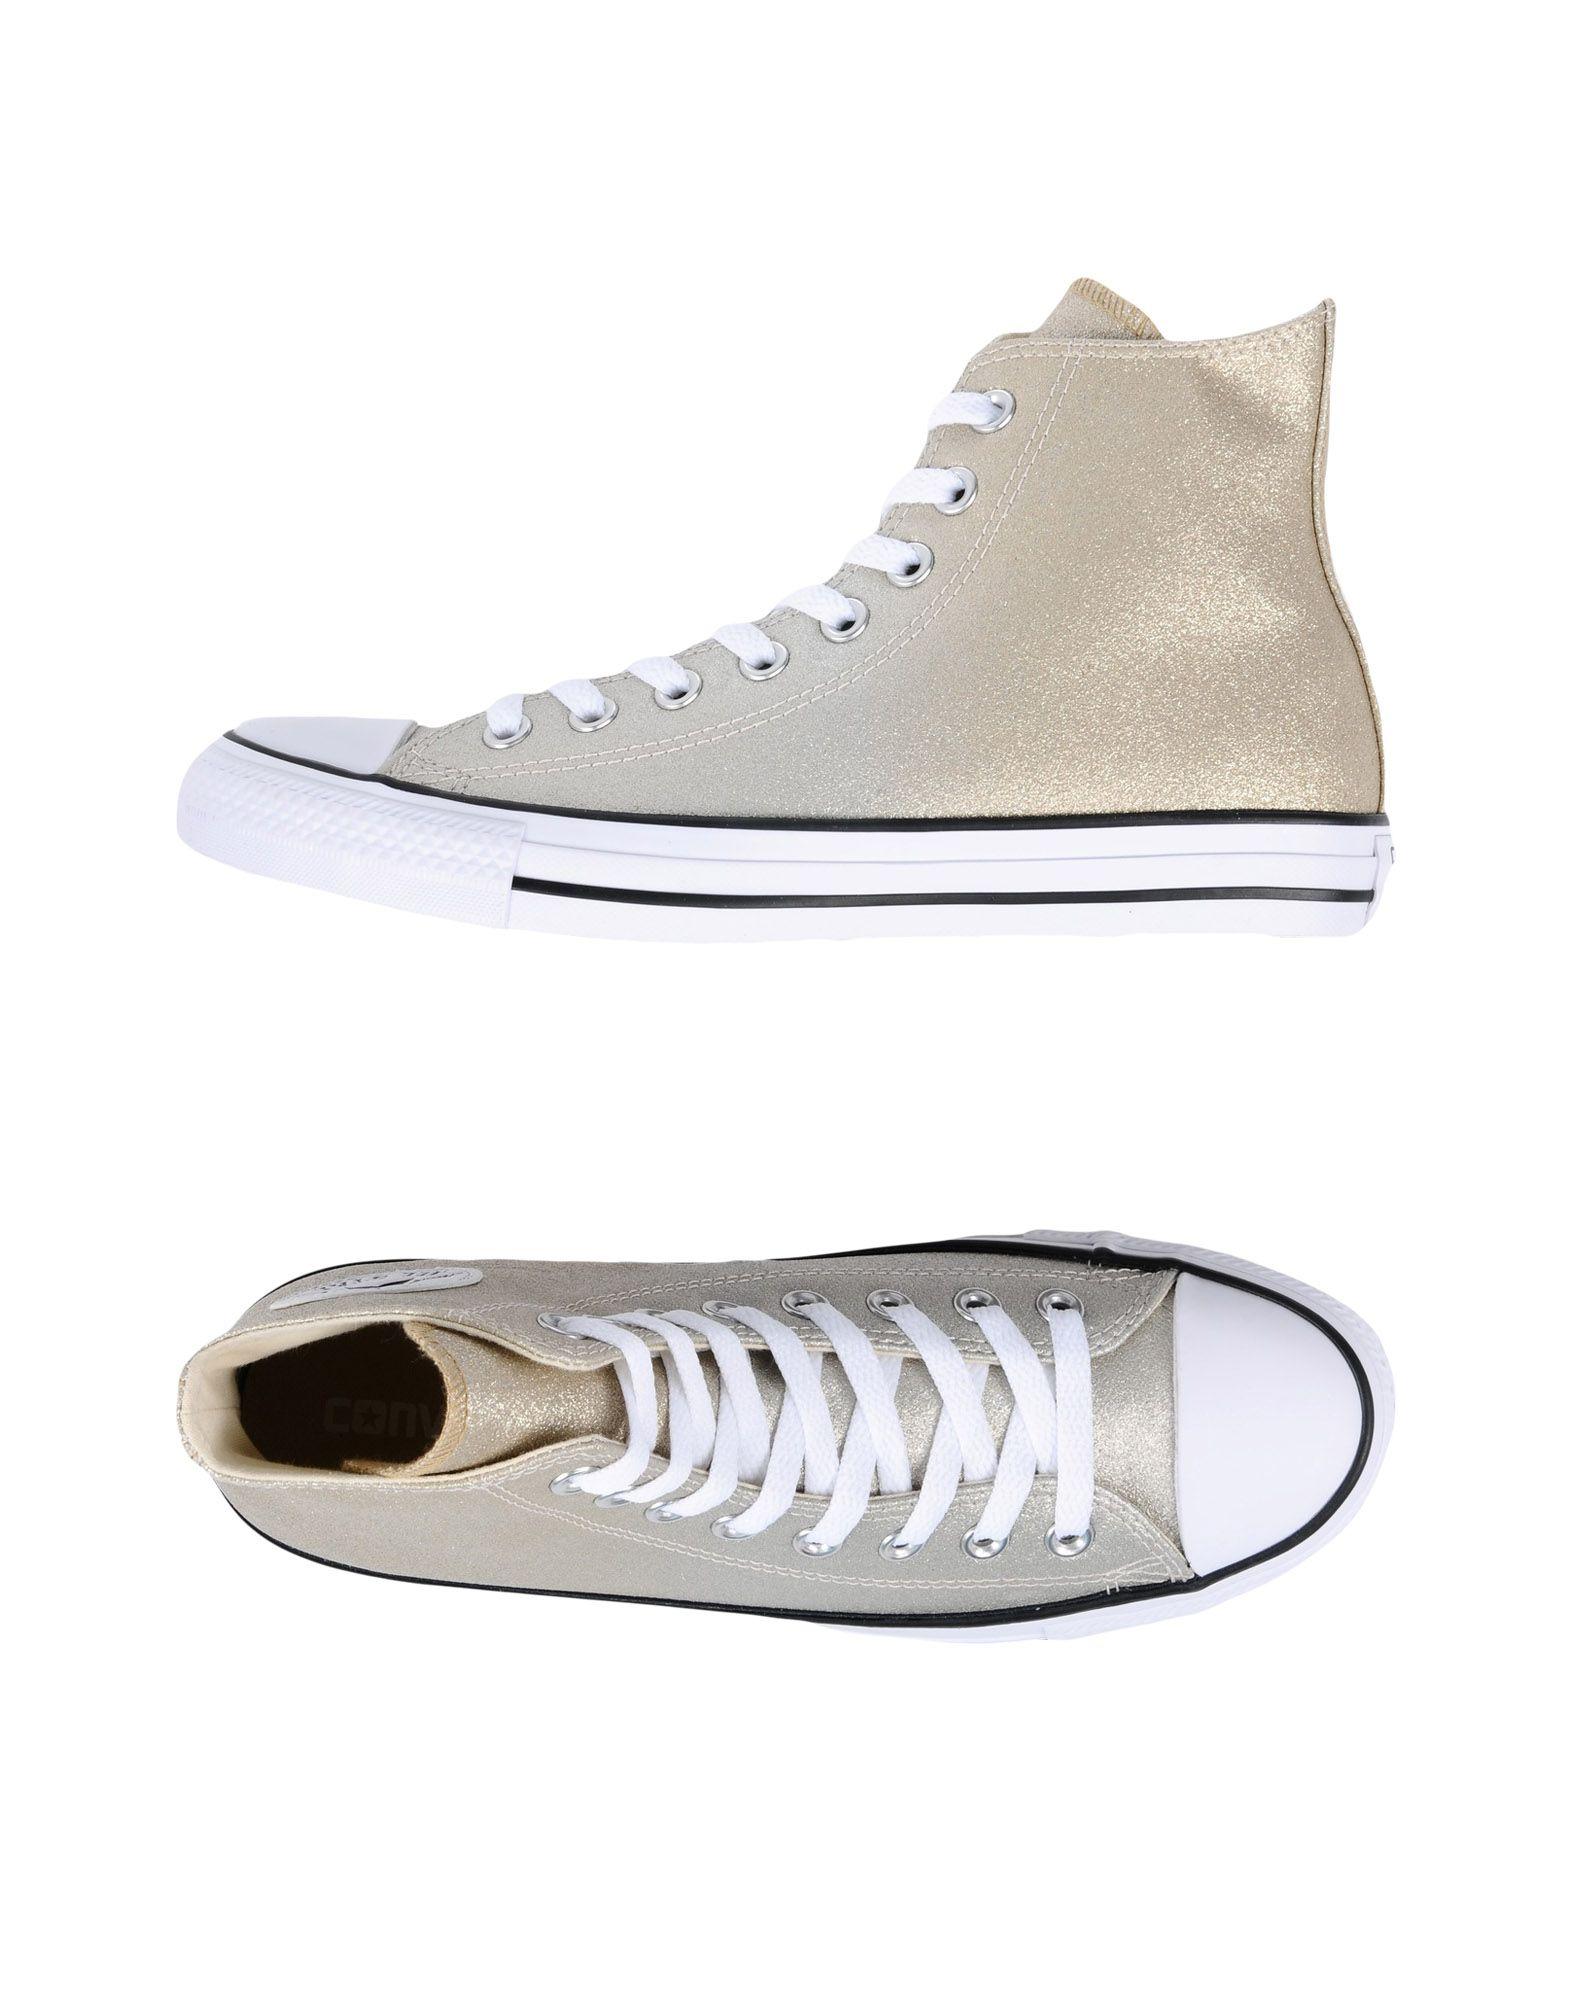 Converse All Star Ctas Hi Ombre Metallic  11437510JR Gute Qualität beliebte Schuhe